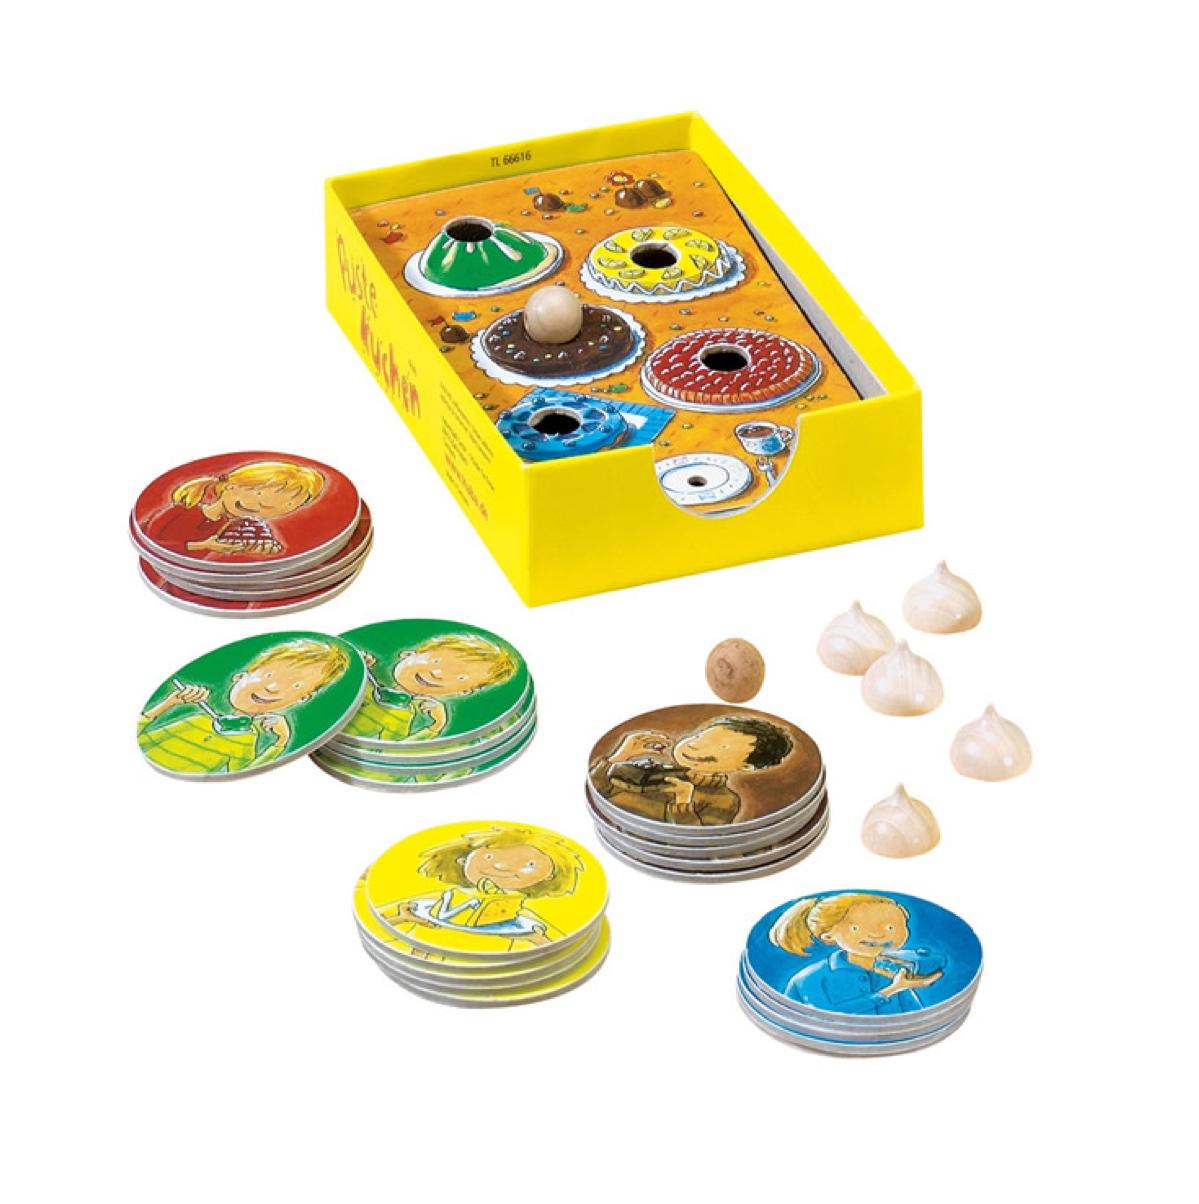 soplar-el-pastel-haba-el-mundo-de-mico3